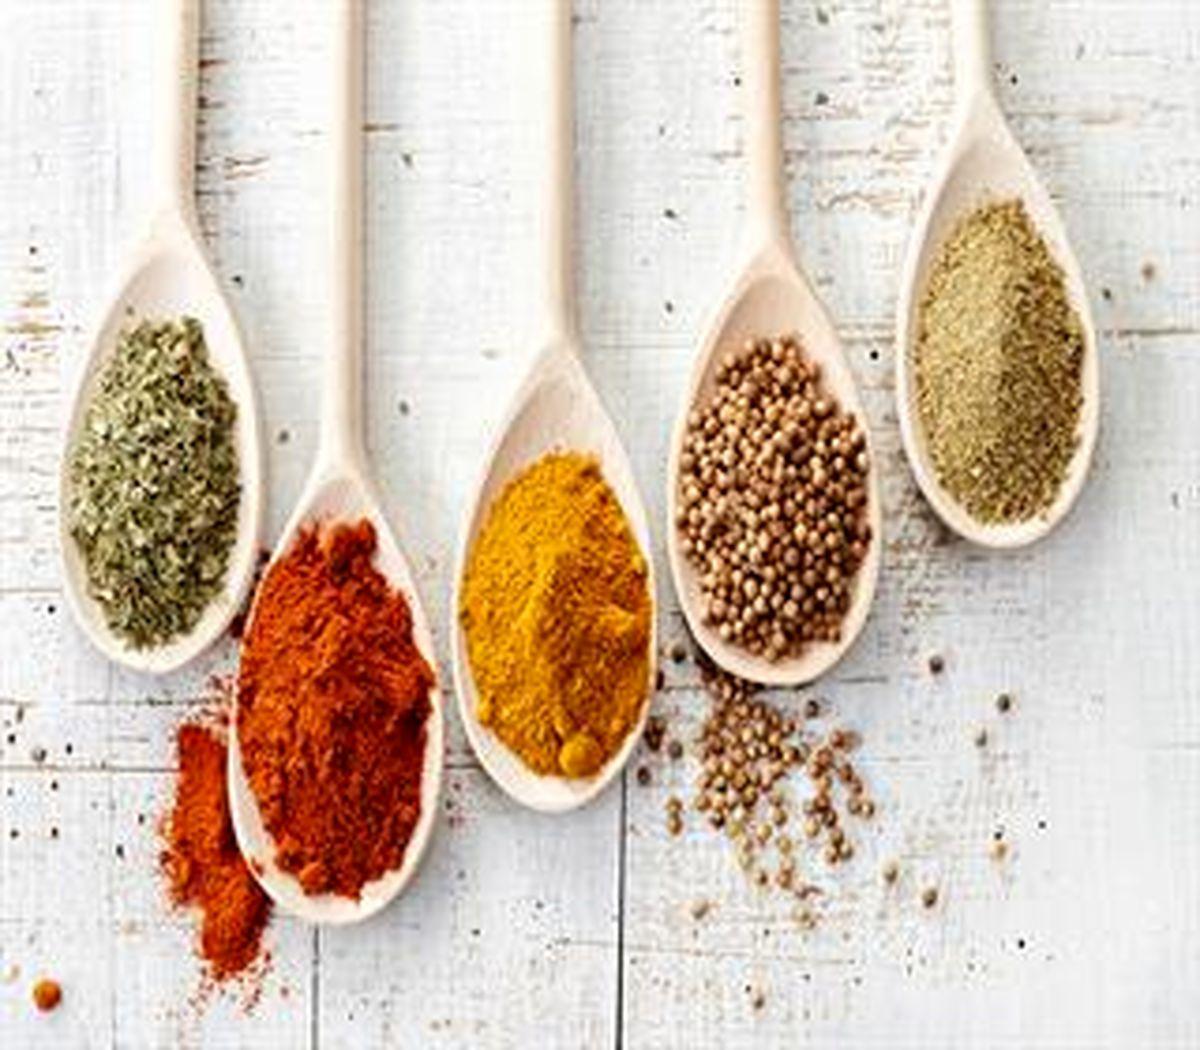 ادویه هایی با بیشترین میزان ویتامین و آنتی اکسیدان